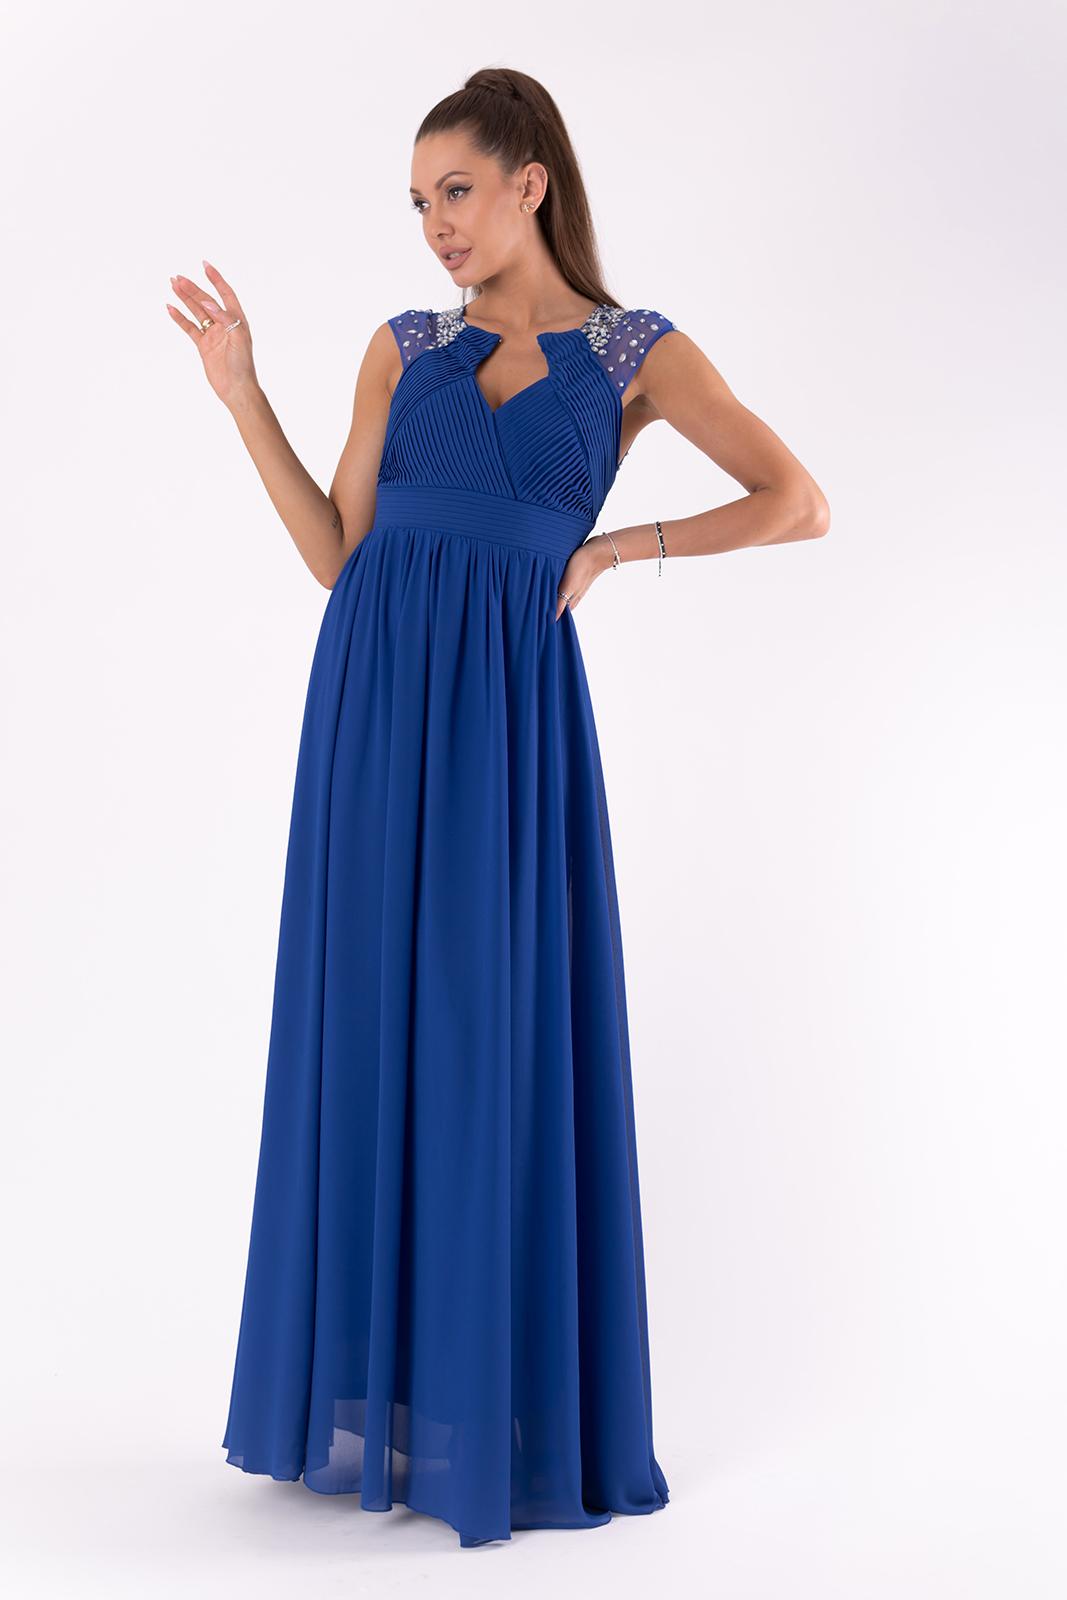 PINK BOOM Večerní šaty s holými zády a třpytivými kamínky plesové šaty Barva: Modrá, Velikost: M